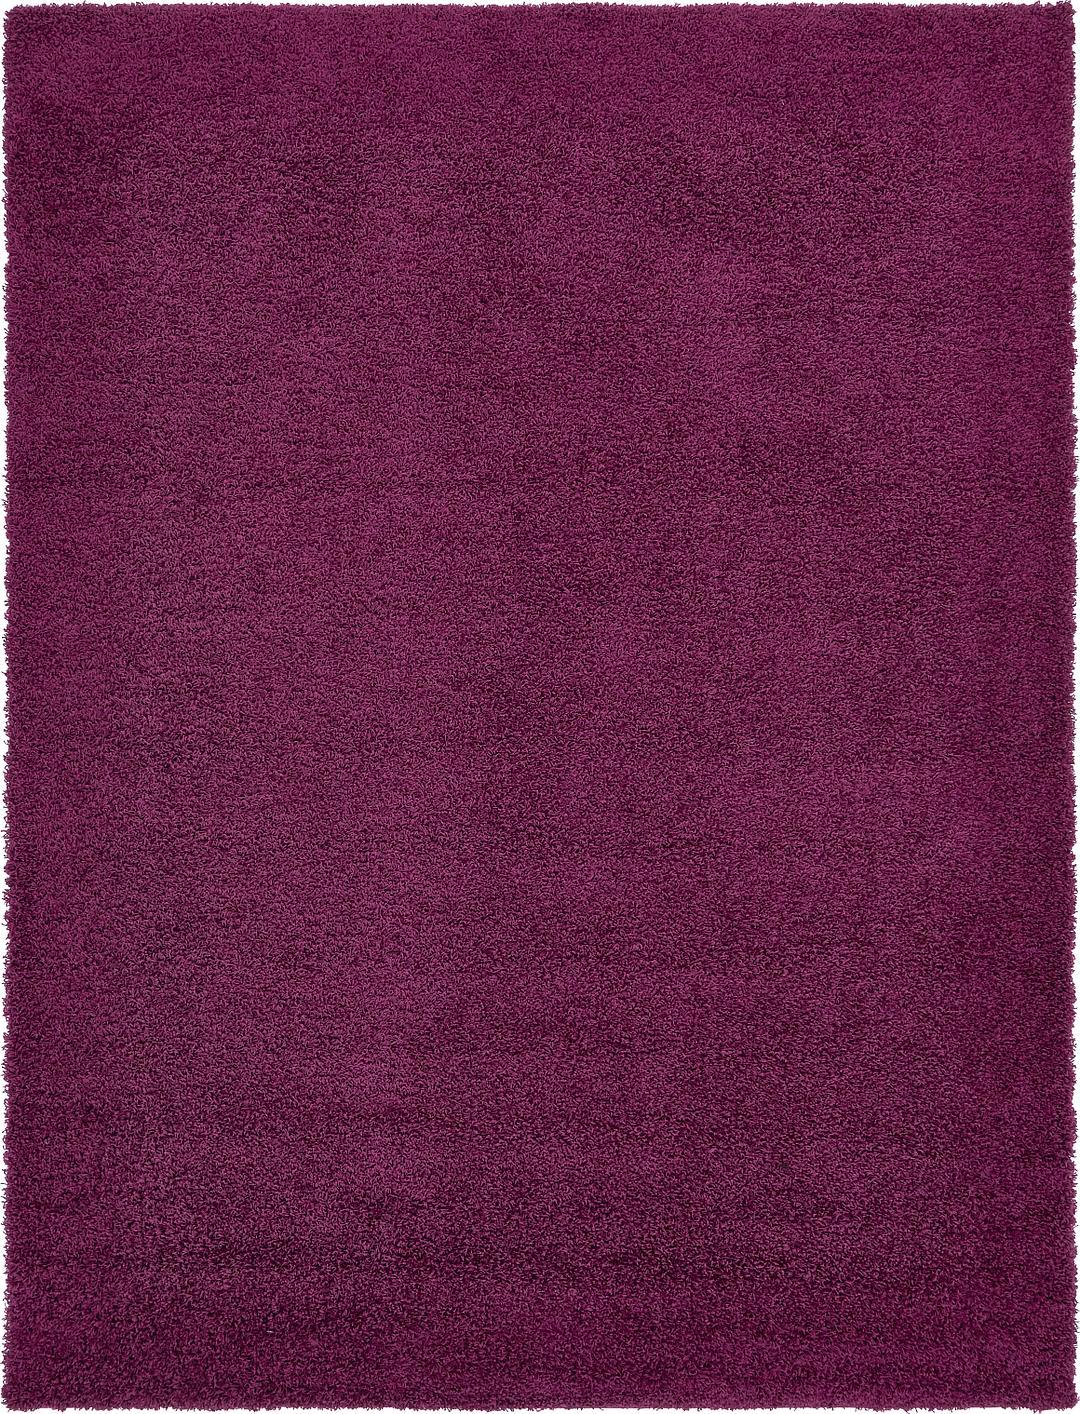 10u0027 x 13u0027 solid shag rug